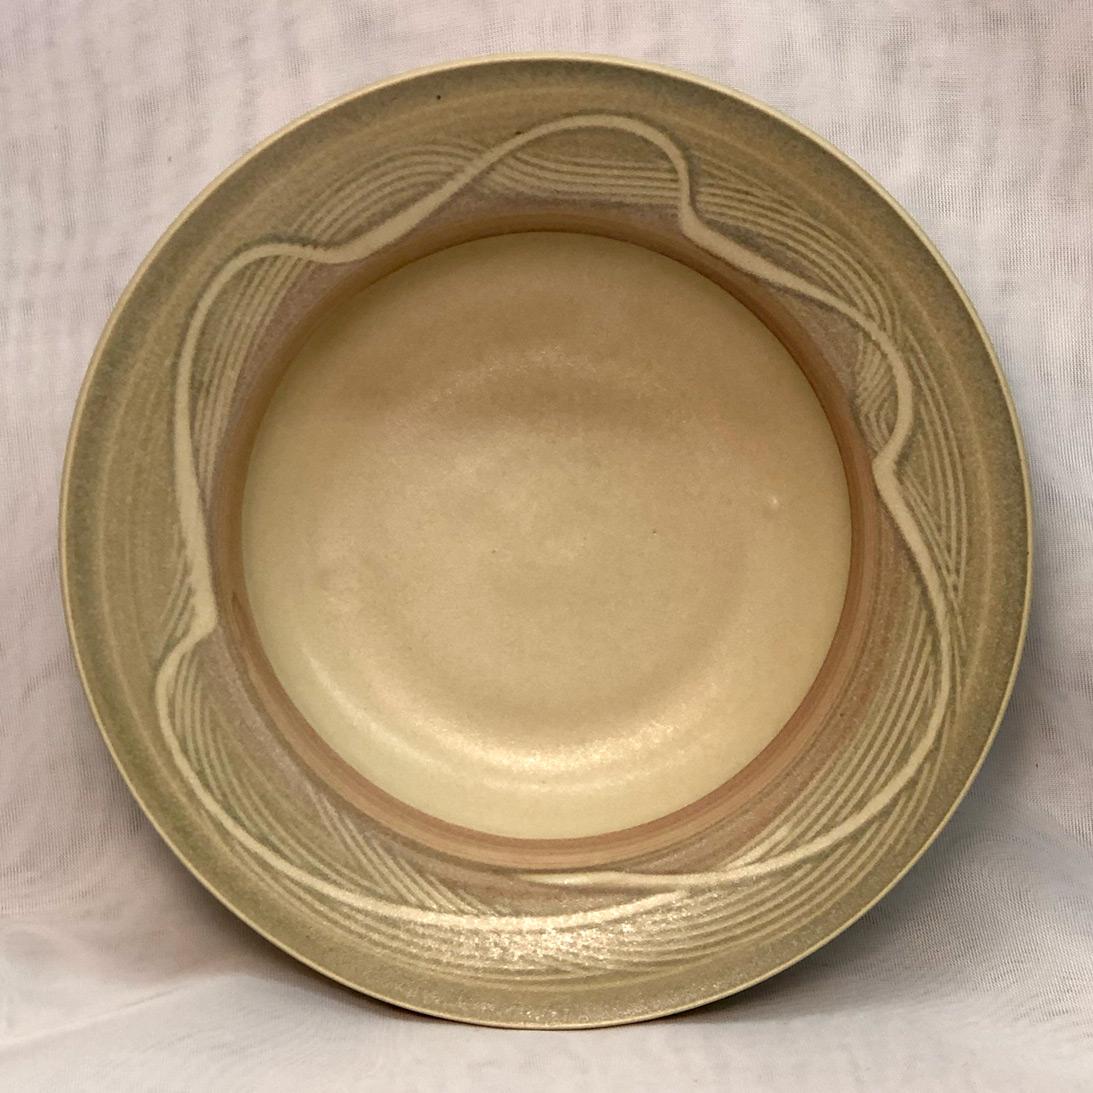 Bowl by Anita Dummins